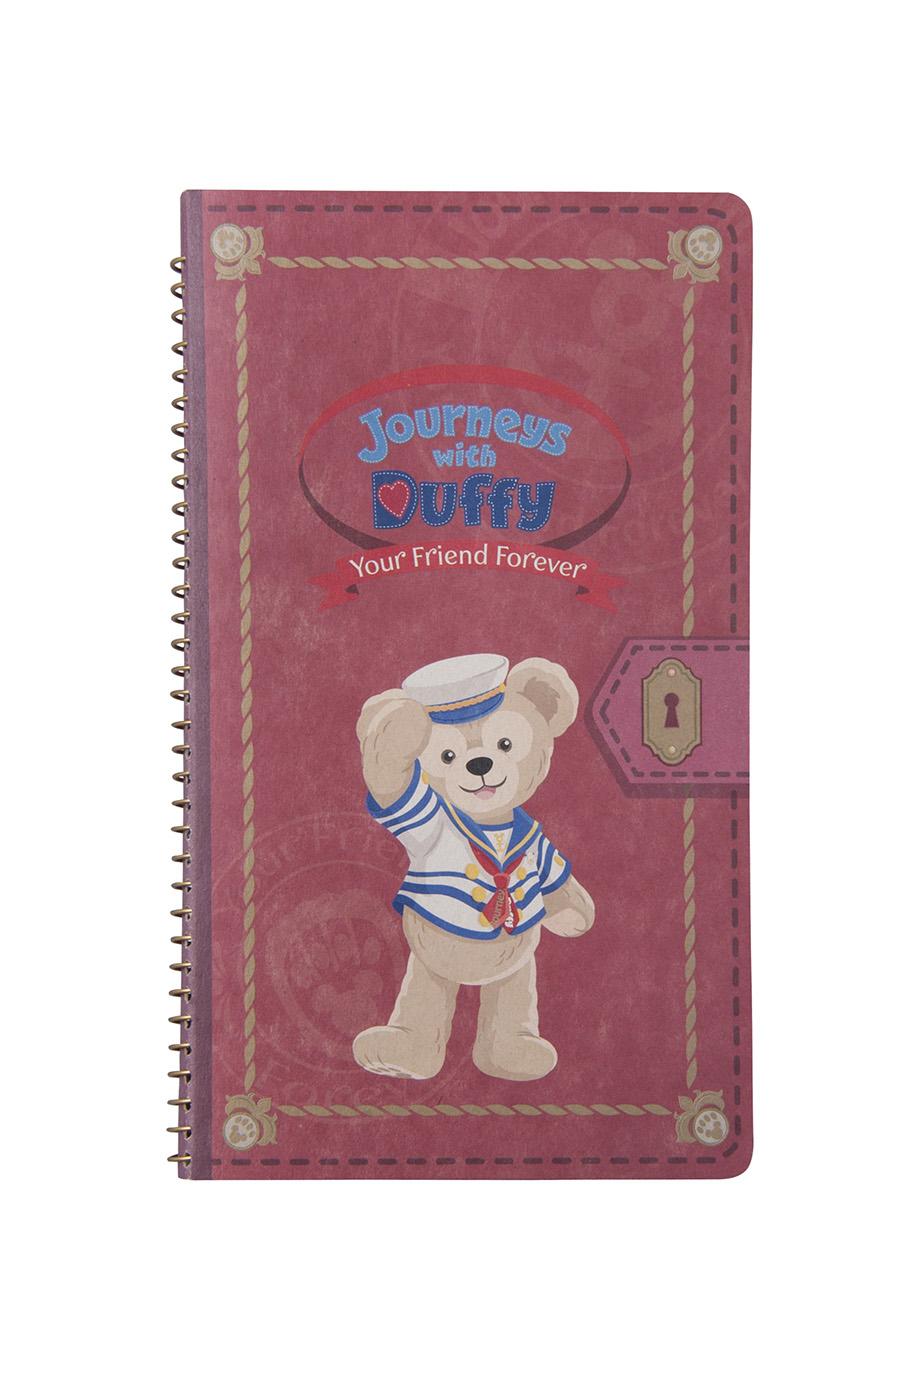 ログブック 1200円 (c)Disney